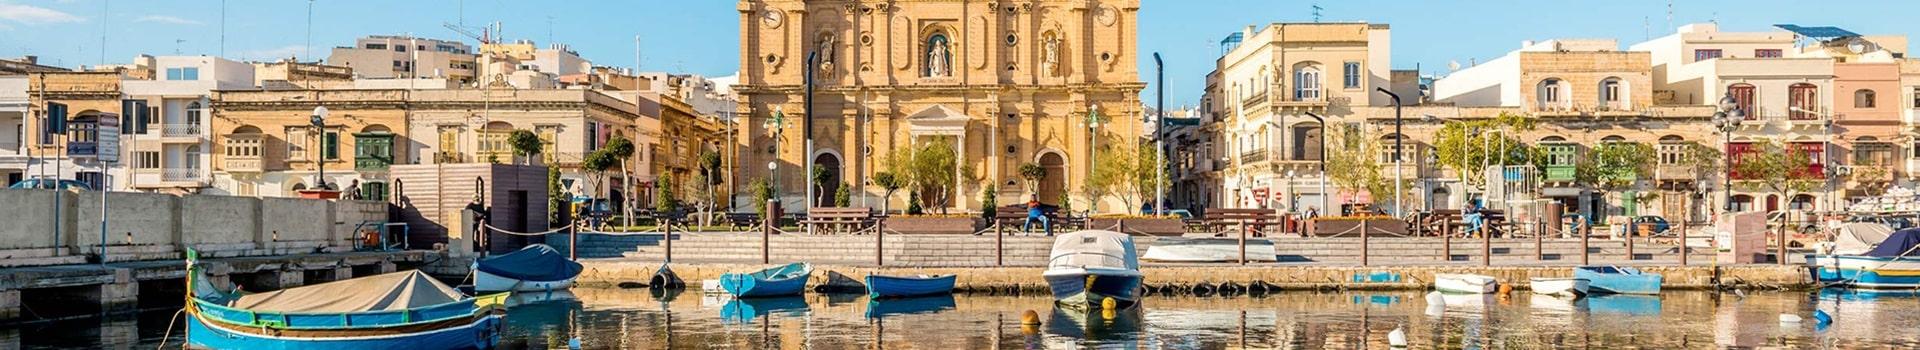 malta-citizenship-1-min